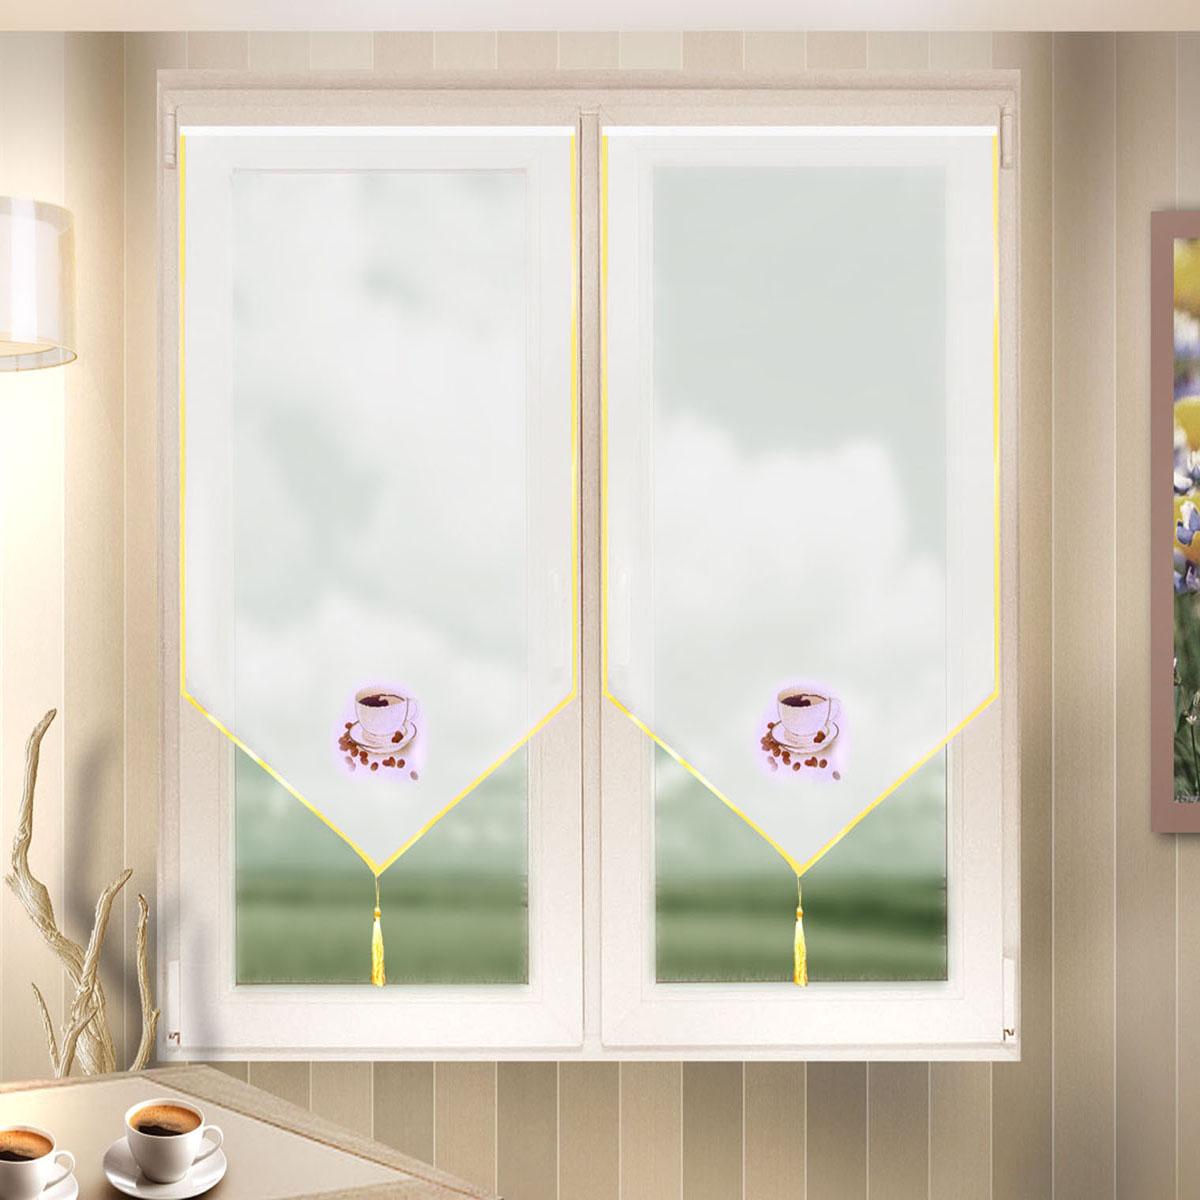 Гардина Zlata Korunka, на липкой ленте, цвет: белый, высота 90 см. 666023/2100-49000000-60Гардина на липкой ленте Zlata Korunka, изготовленная из полиэстера, станет великолепным украшением любого окна. Полотно из белой вуали с печатным рисунком привлечет к себе внимание и органично впишется в интерьер комнаты. Лучшая альтернатива рулонным шторам - шторы на липкой ленте. Особенность этих штор заключается в том, что они имеют липкую основу в месте крепления. Лента или основа надежно и быстро крепится на раму окна, а на нее фиксируется сама штора.